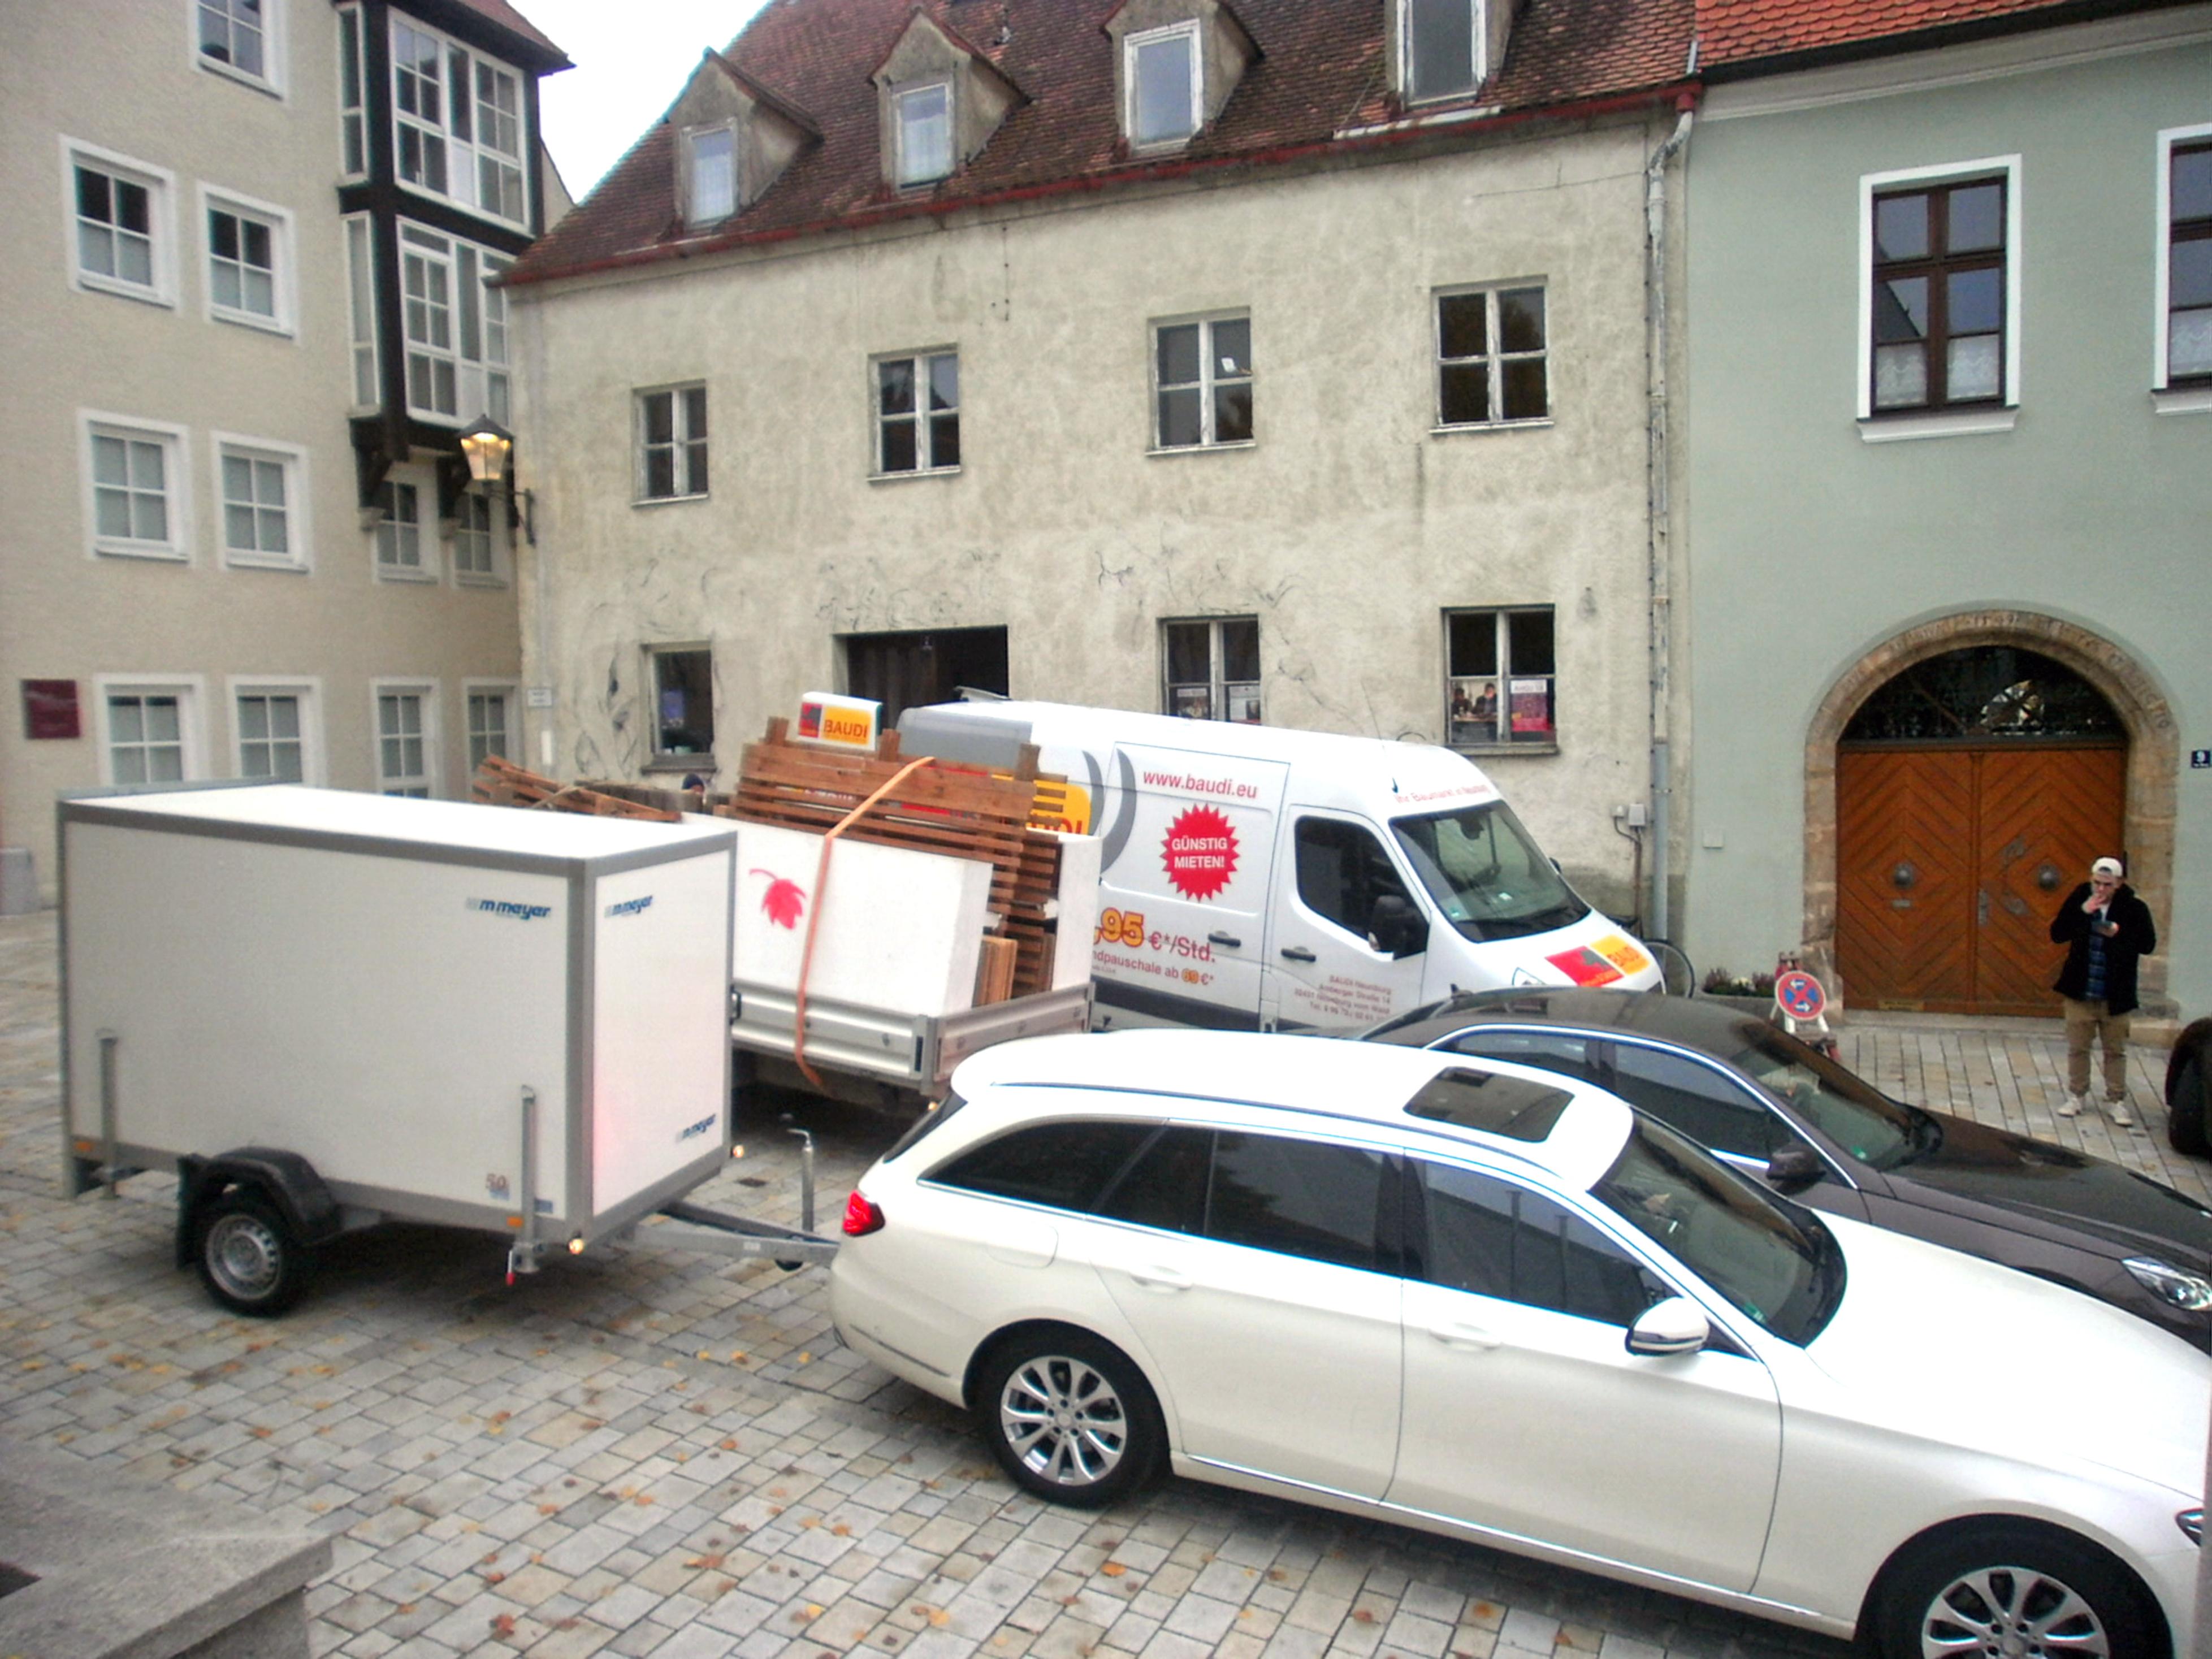 Nach Räumung des alten Kunstquartiers Im Berg Nr. 7 am 10. November 2018 ist der KVU zurzeit auf der Suche nach einem neuen Domizil. Foto: Karl Stumpfi